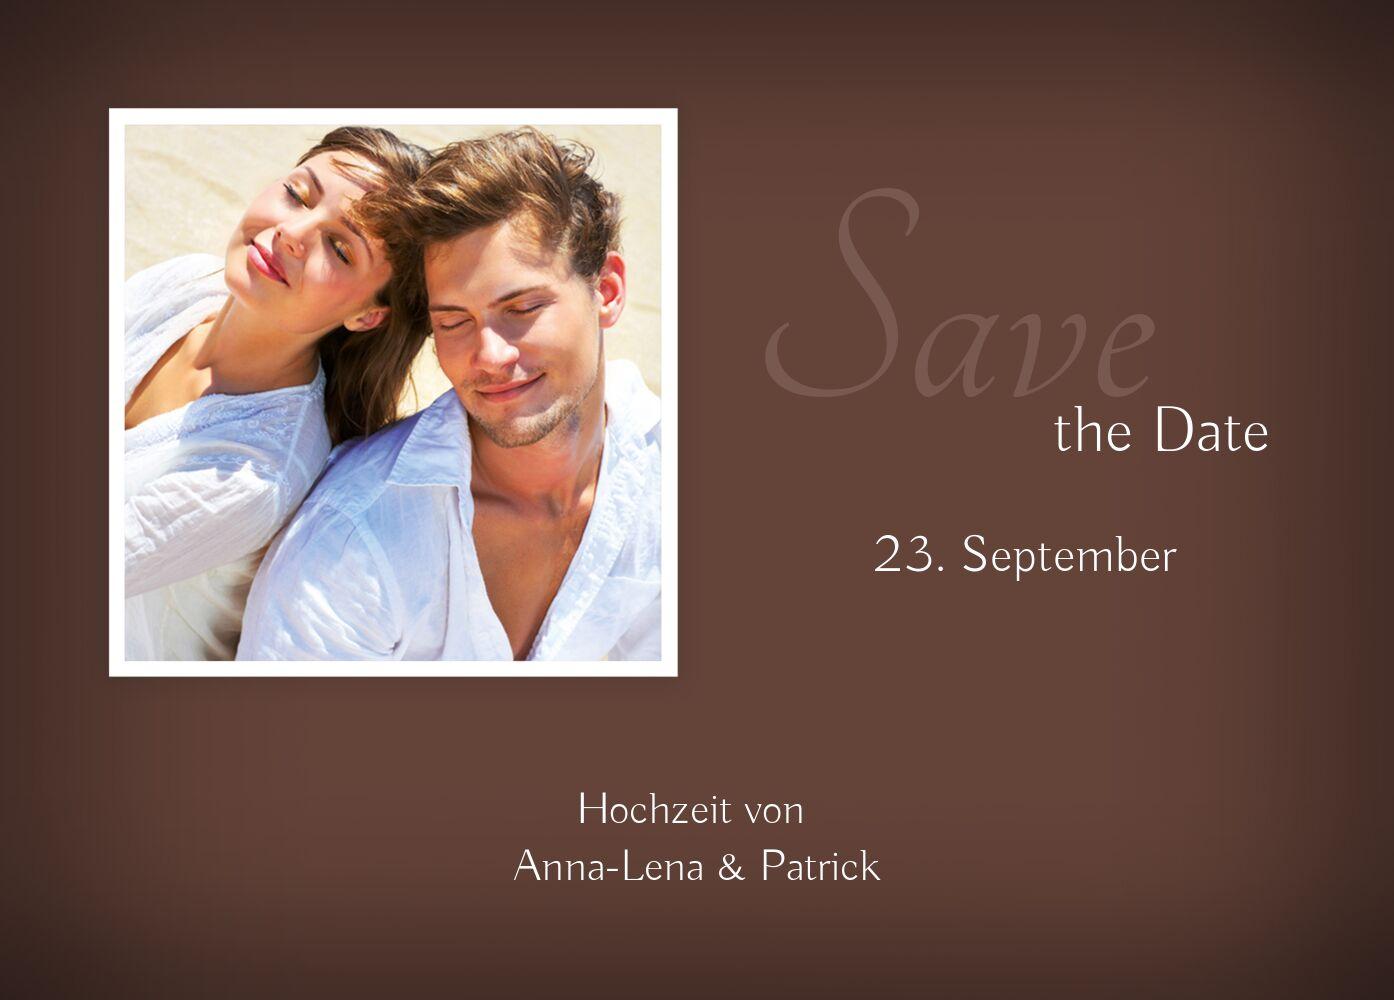 Ansicht 2 - Hochzeit Save-the-Date ewige Verbindung